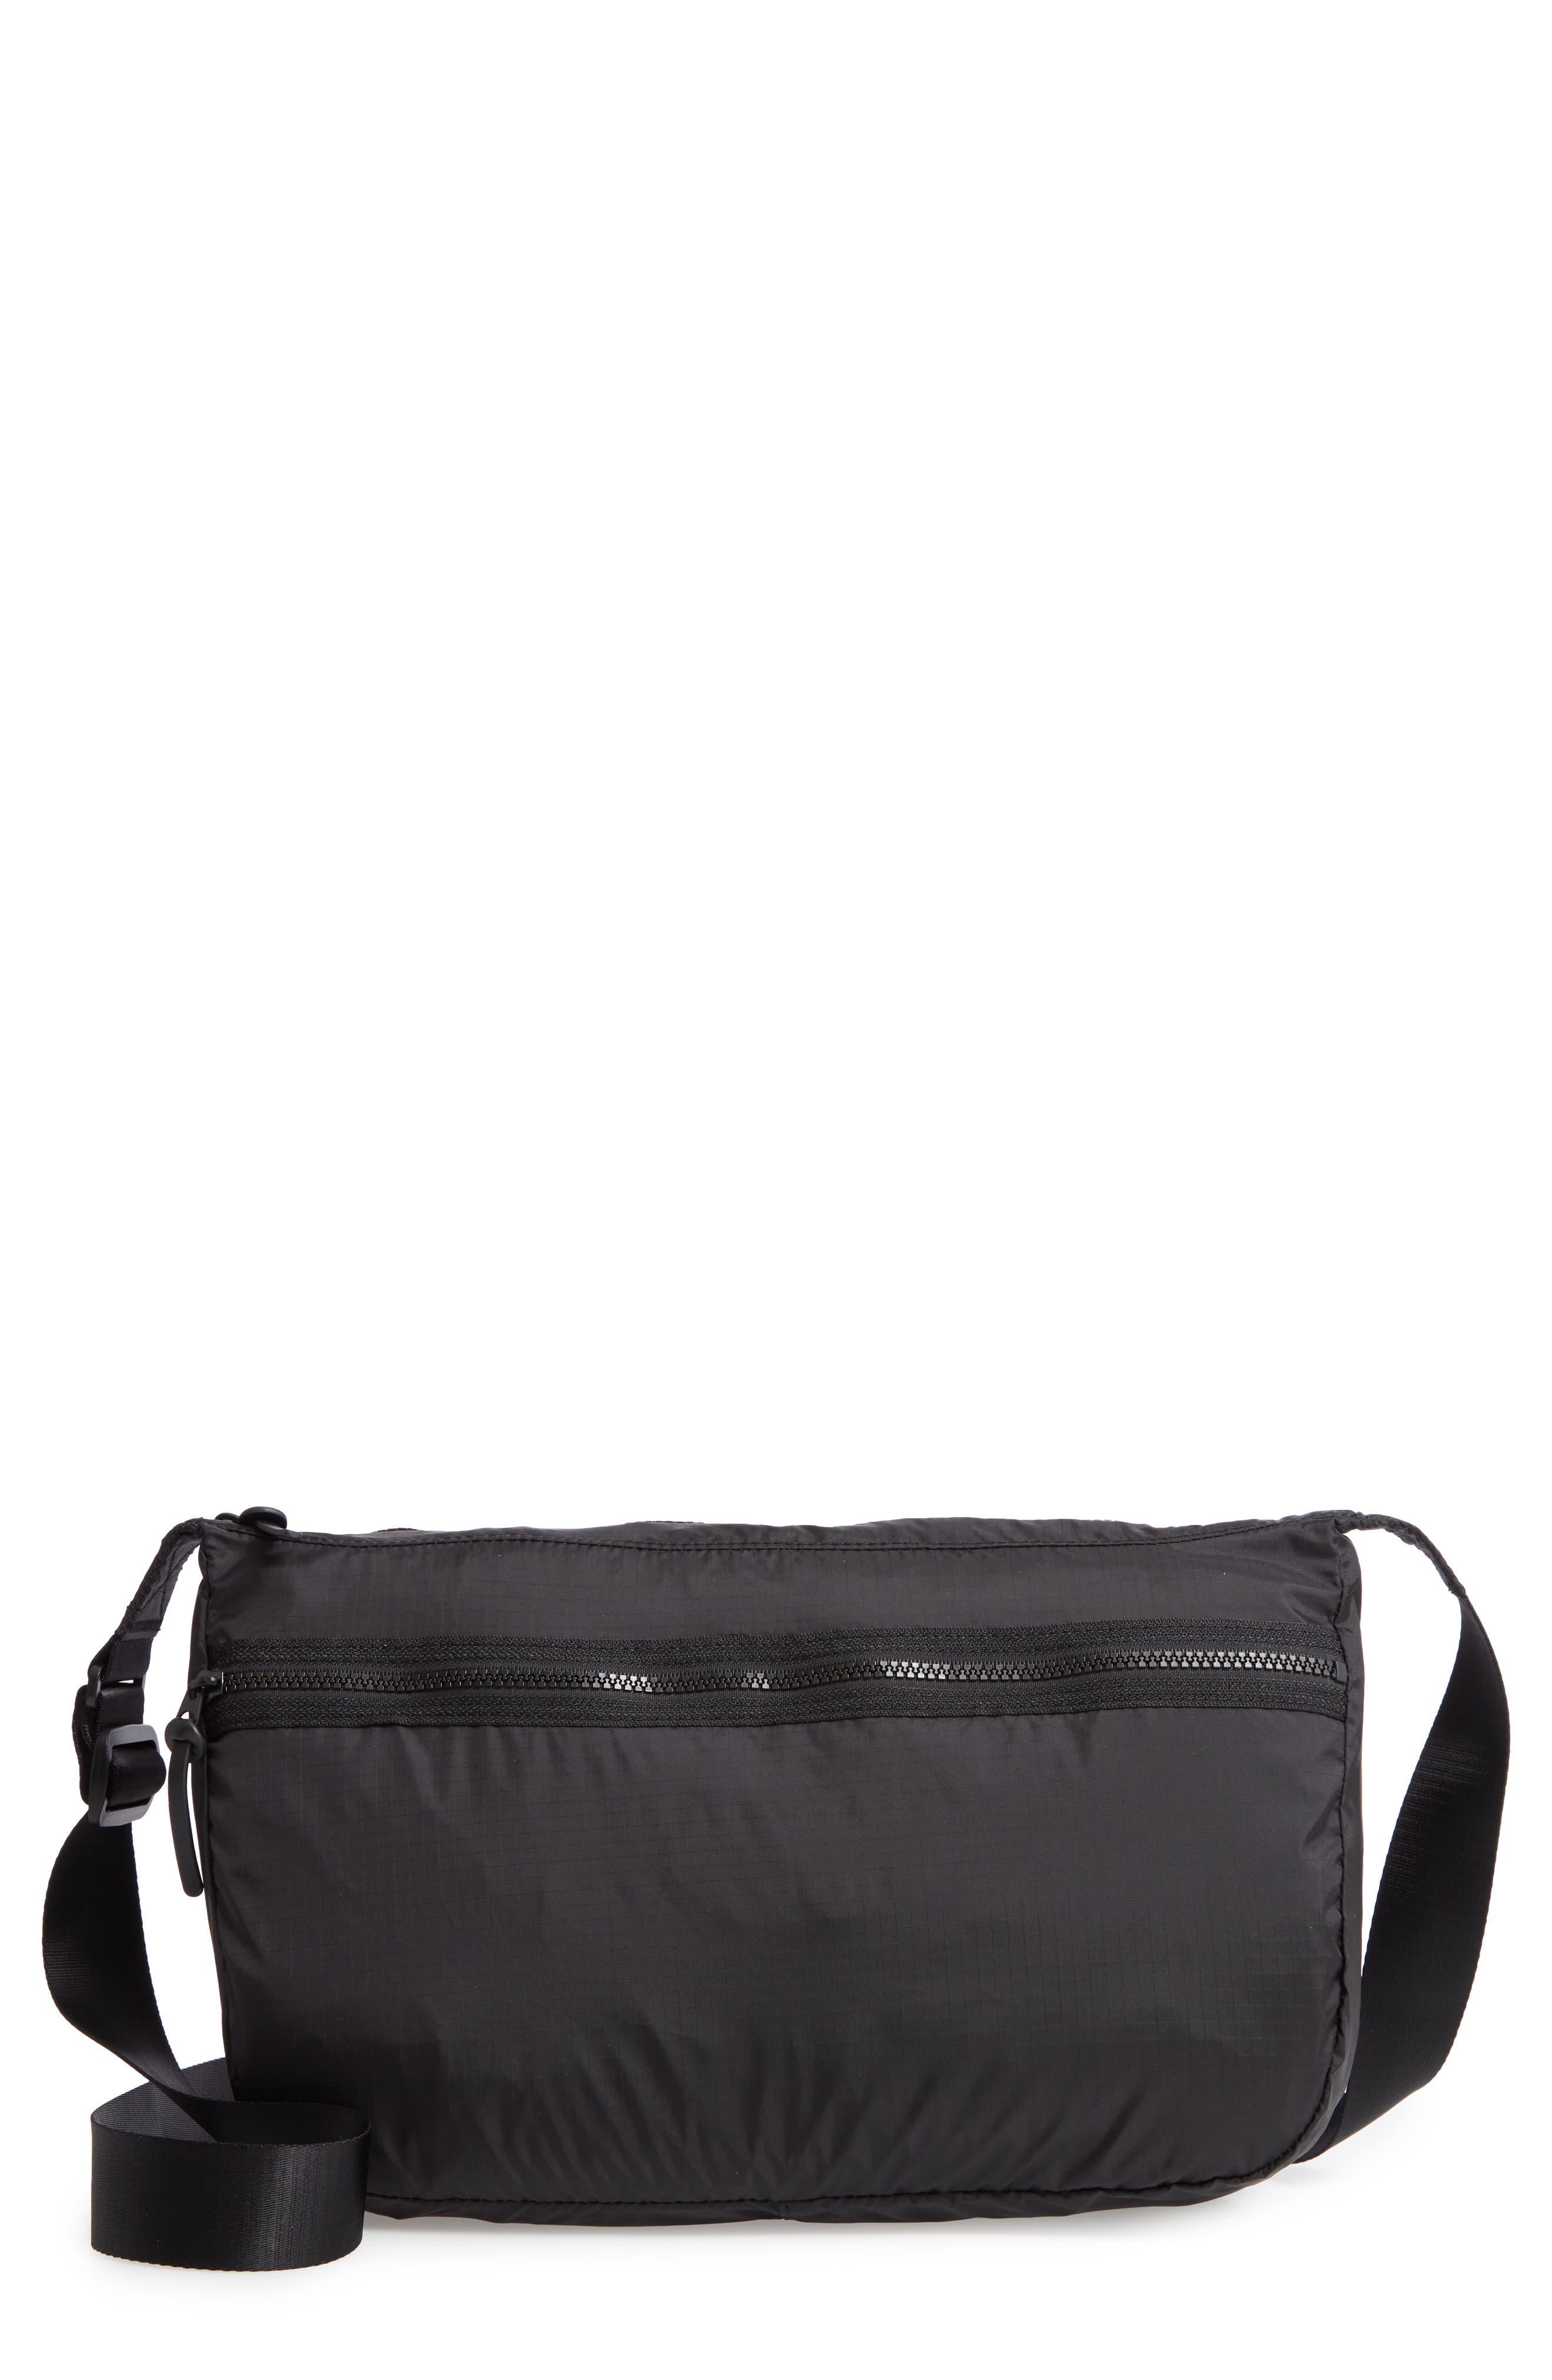 65161a6185 Women s Sale Handbags   Wallets